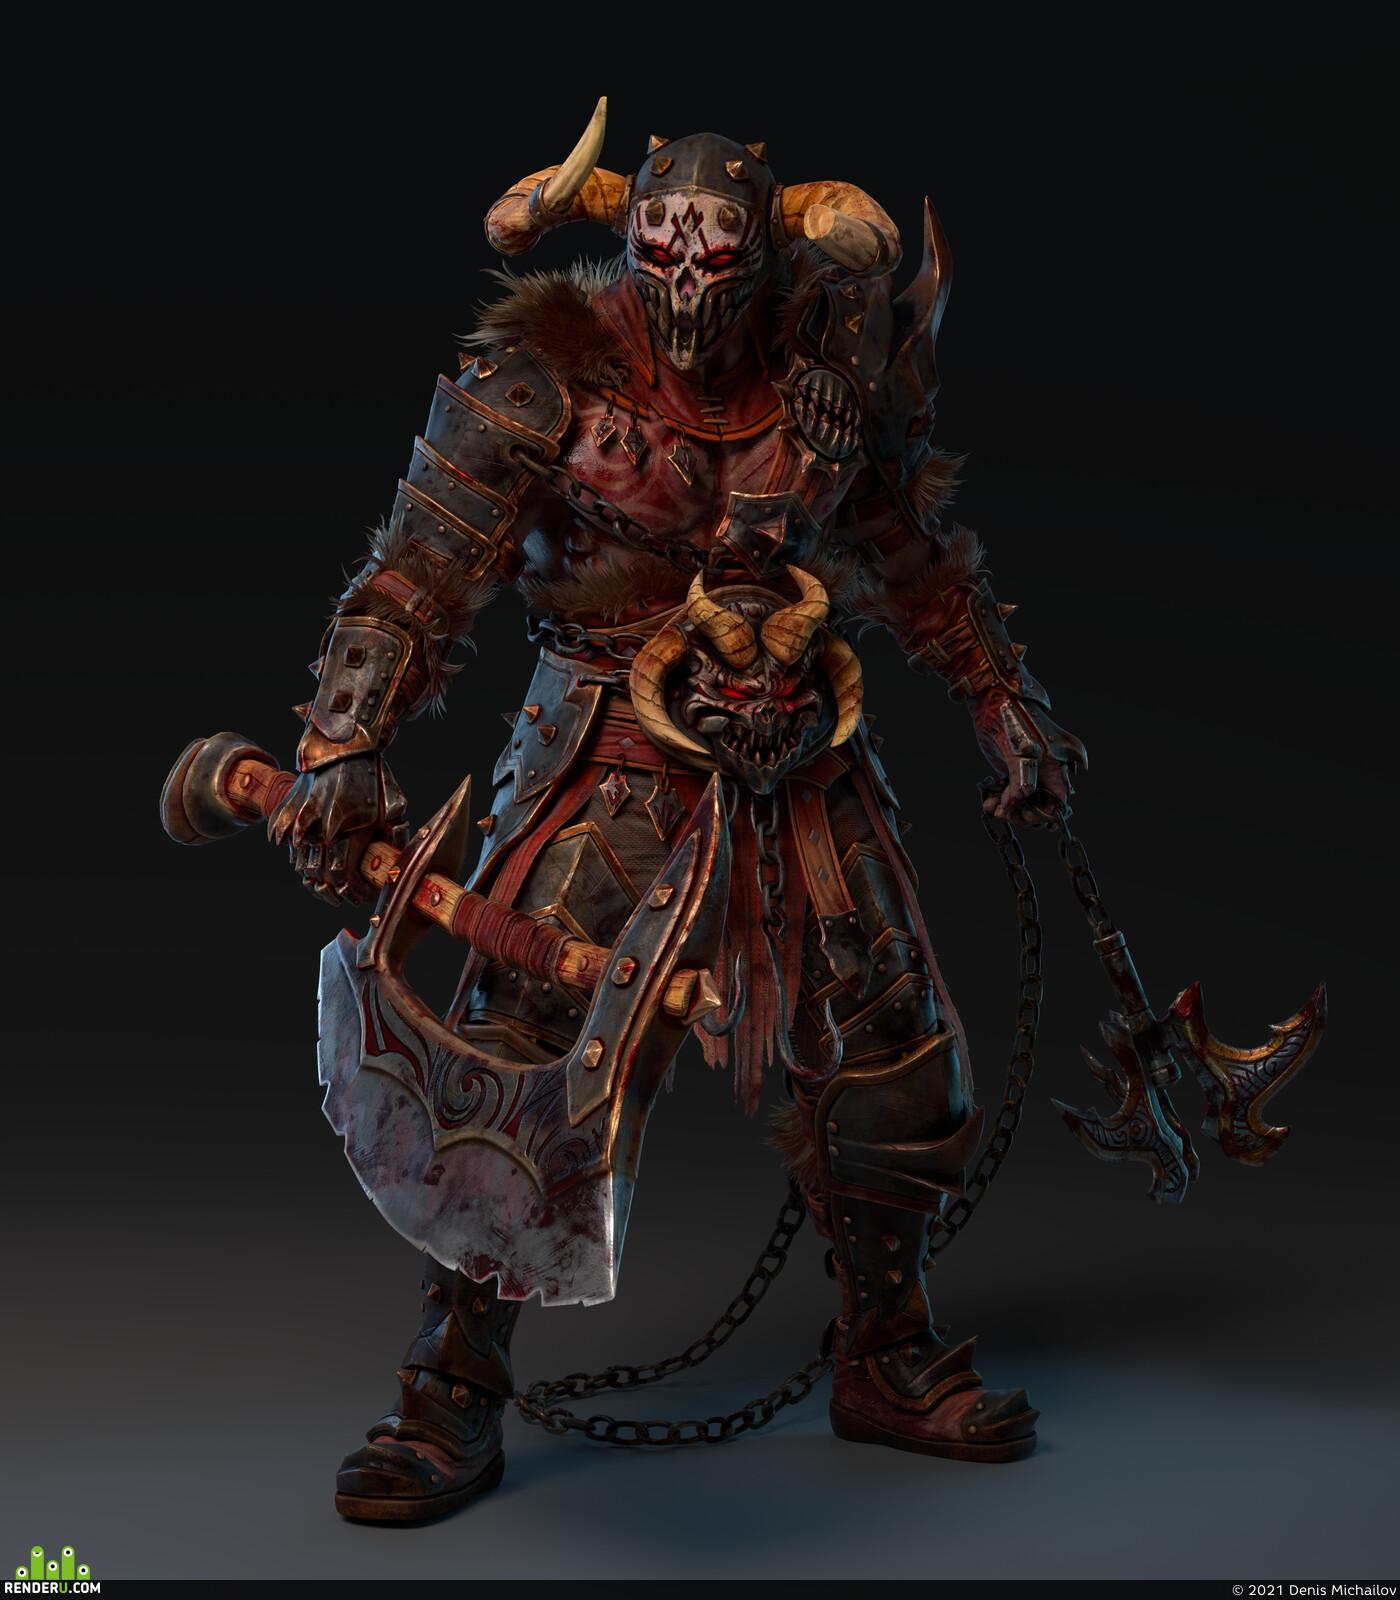 berserker, warrior, helmet, thorns, Amulets, skull, fantasy art, Rage, barbarians, armor